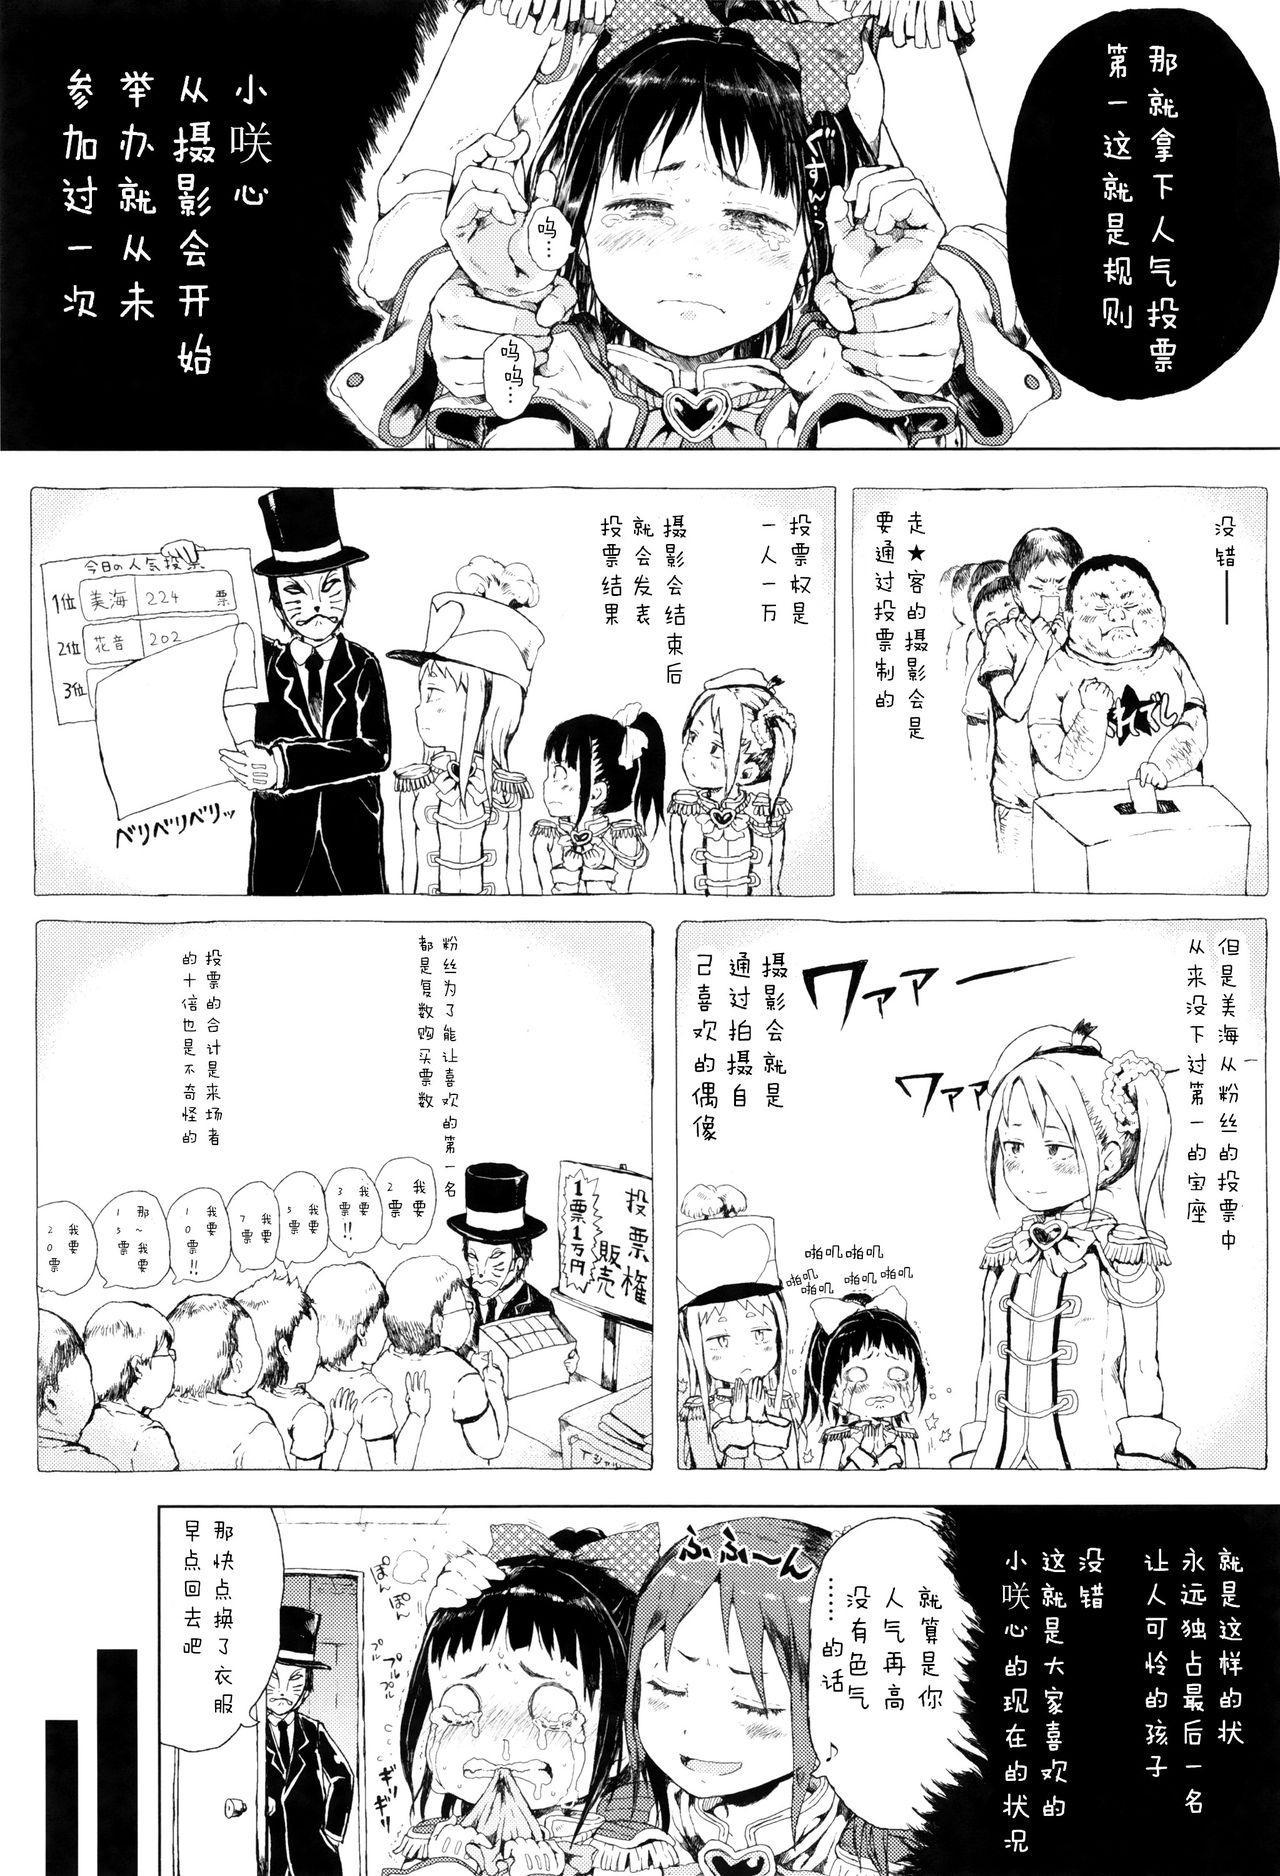 Dakara Kami-sama, Boku ni shika Mienai Chiisana Koibito o Kudasai. 134